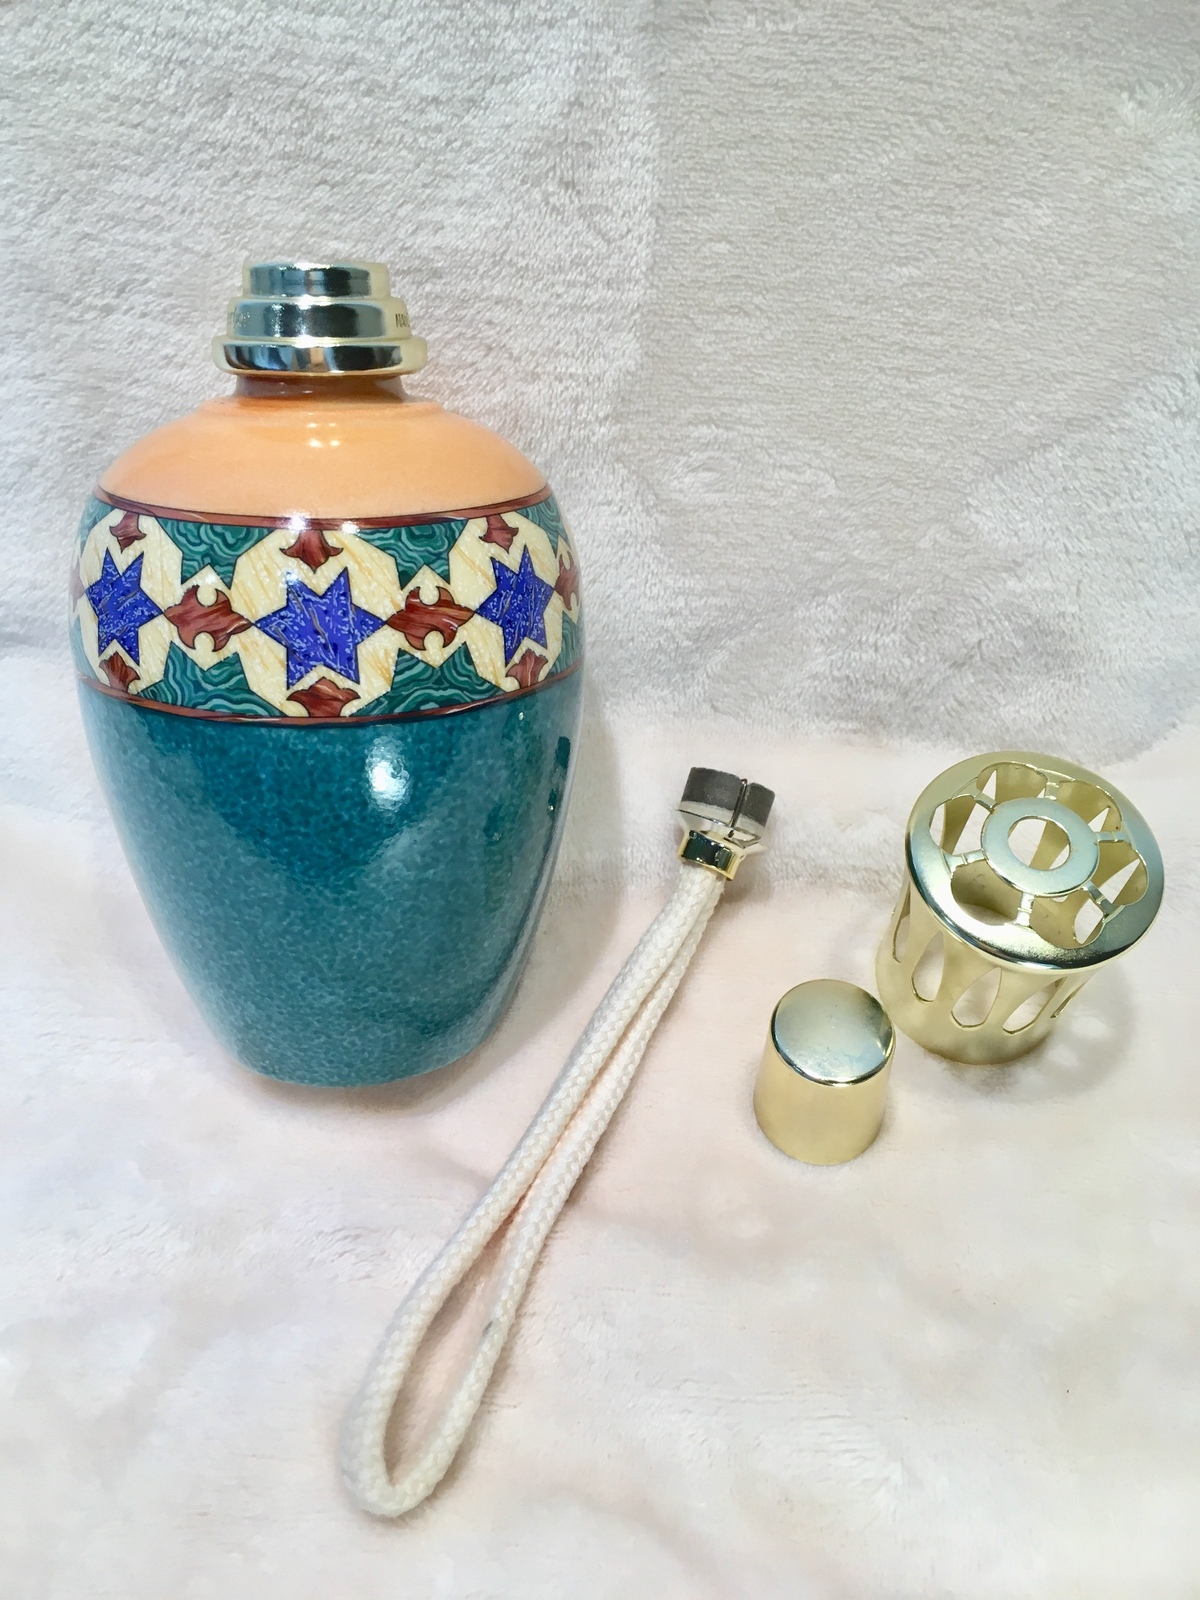 Lampe Berger Paris Porcelaine Limoges Home Fragrance/Air Freshener - $45.00